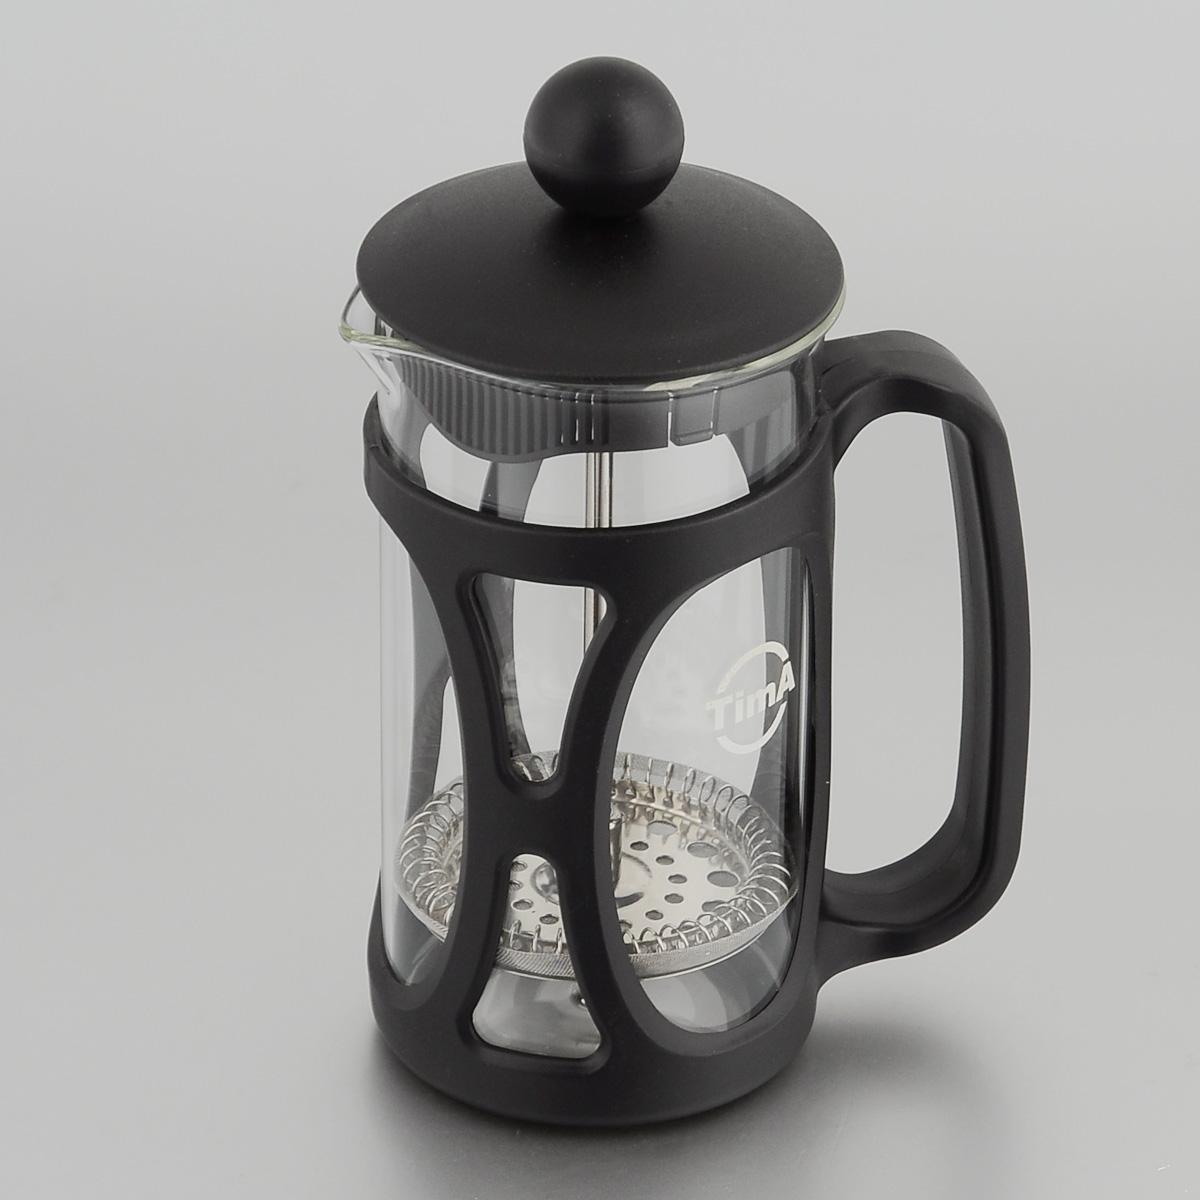 Френч-пресс TimA Маффин, 350 млPM-350Френч-пресс TimA Маффин, изготовленный из жаропрочного стекла ивысококачественного пластика, это совершенный чайник для ежедневногоиспользования. Изделие с плотной крышкой и удобной ручкой имеет специальныйпоршень с фильтром из нержавеющей стали для отделения чайных листьев отводы. После заваривания чая фильтр не надо вынимать. Заваривание чая - это приятное и легкое занятие. Френч-пресс TimA Маффинзаймет достойное место на вашей кухне.Нельзя мыть в посудомоечной машине. Объем: 350 мл. Диаметр (по верхнему краю): 7 см. Высота (без учета крышки): 13,5 см.